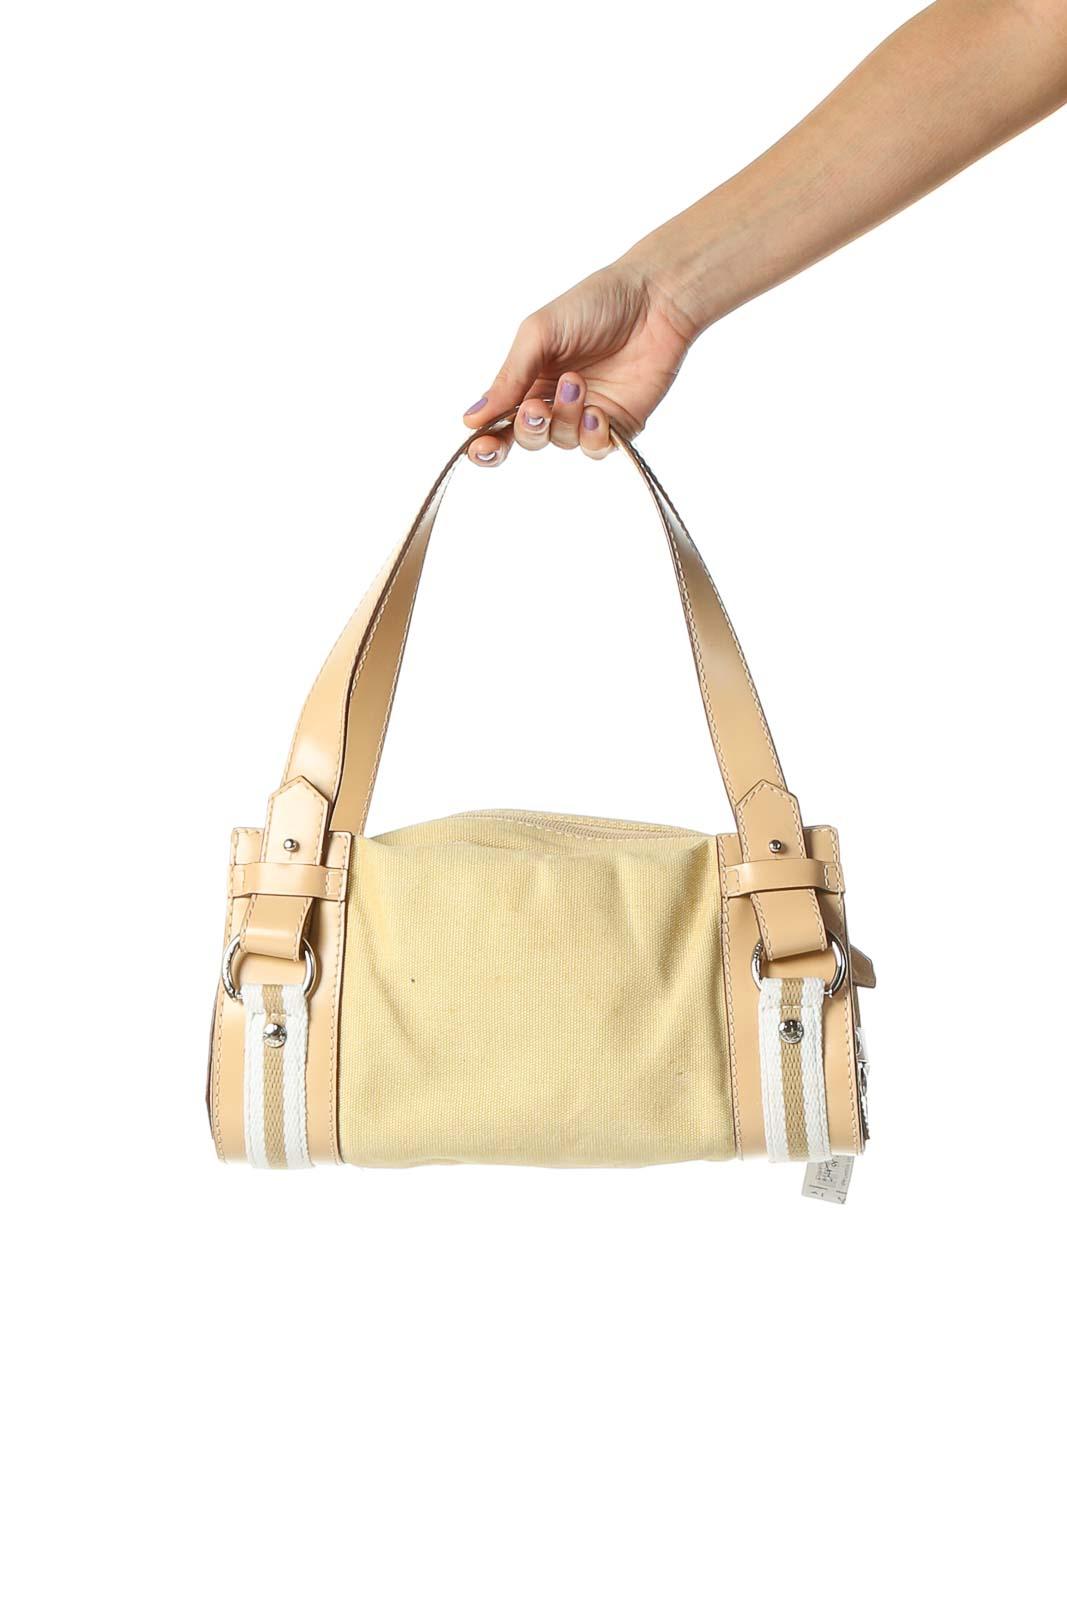 Beige Shoulder Bag Front